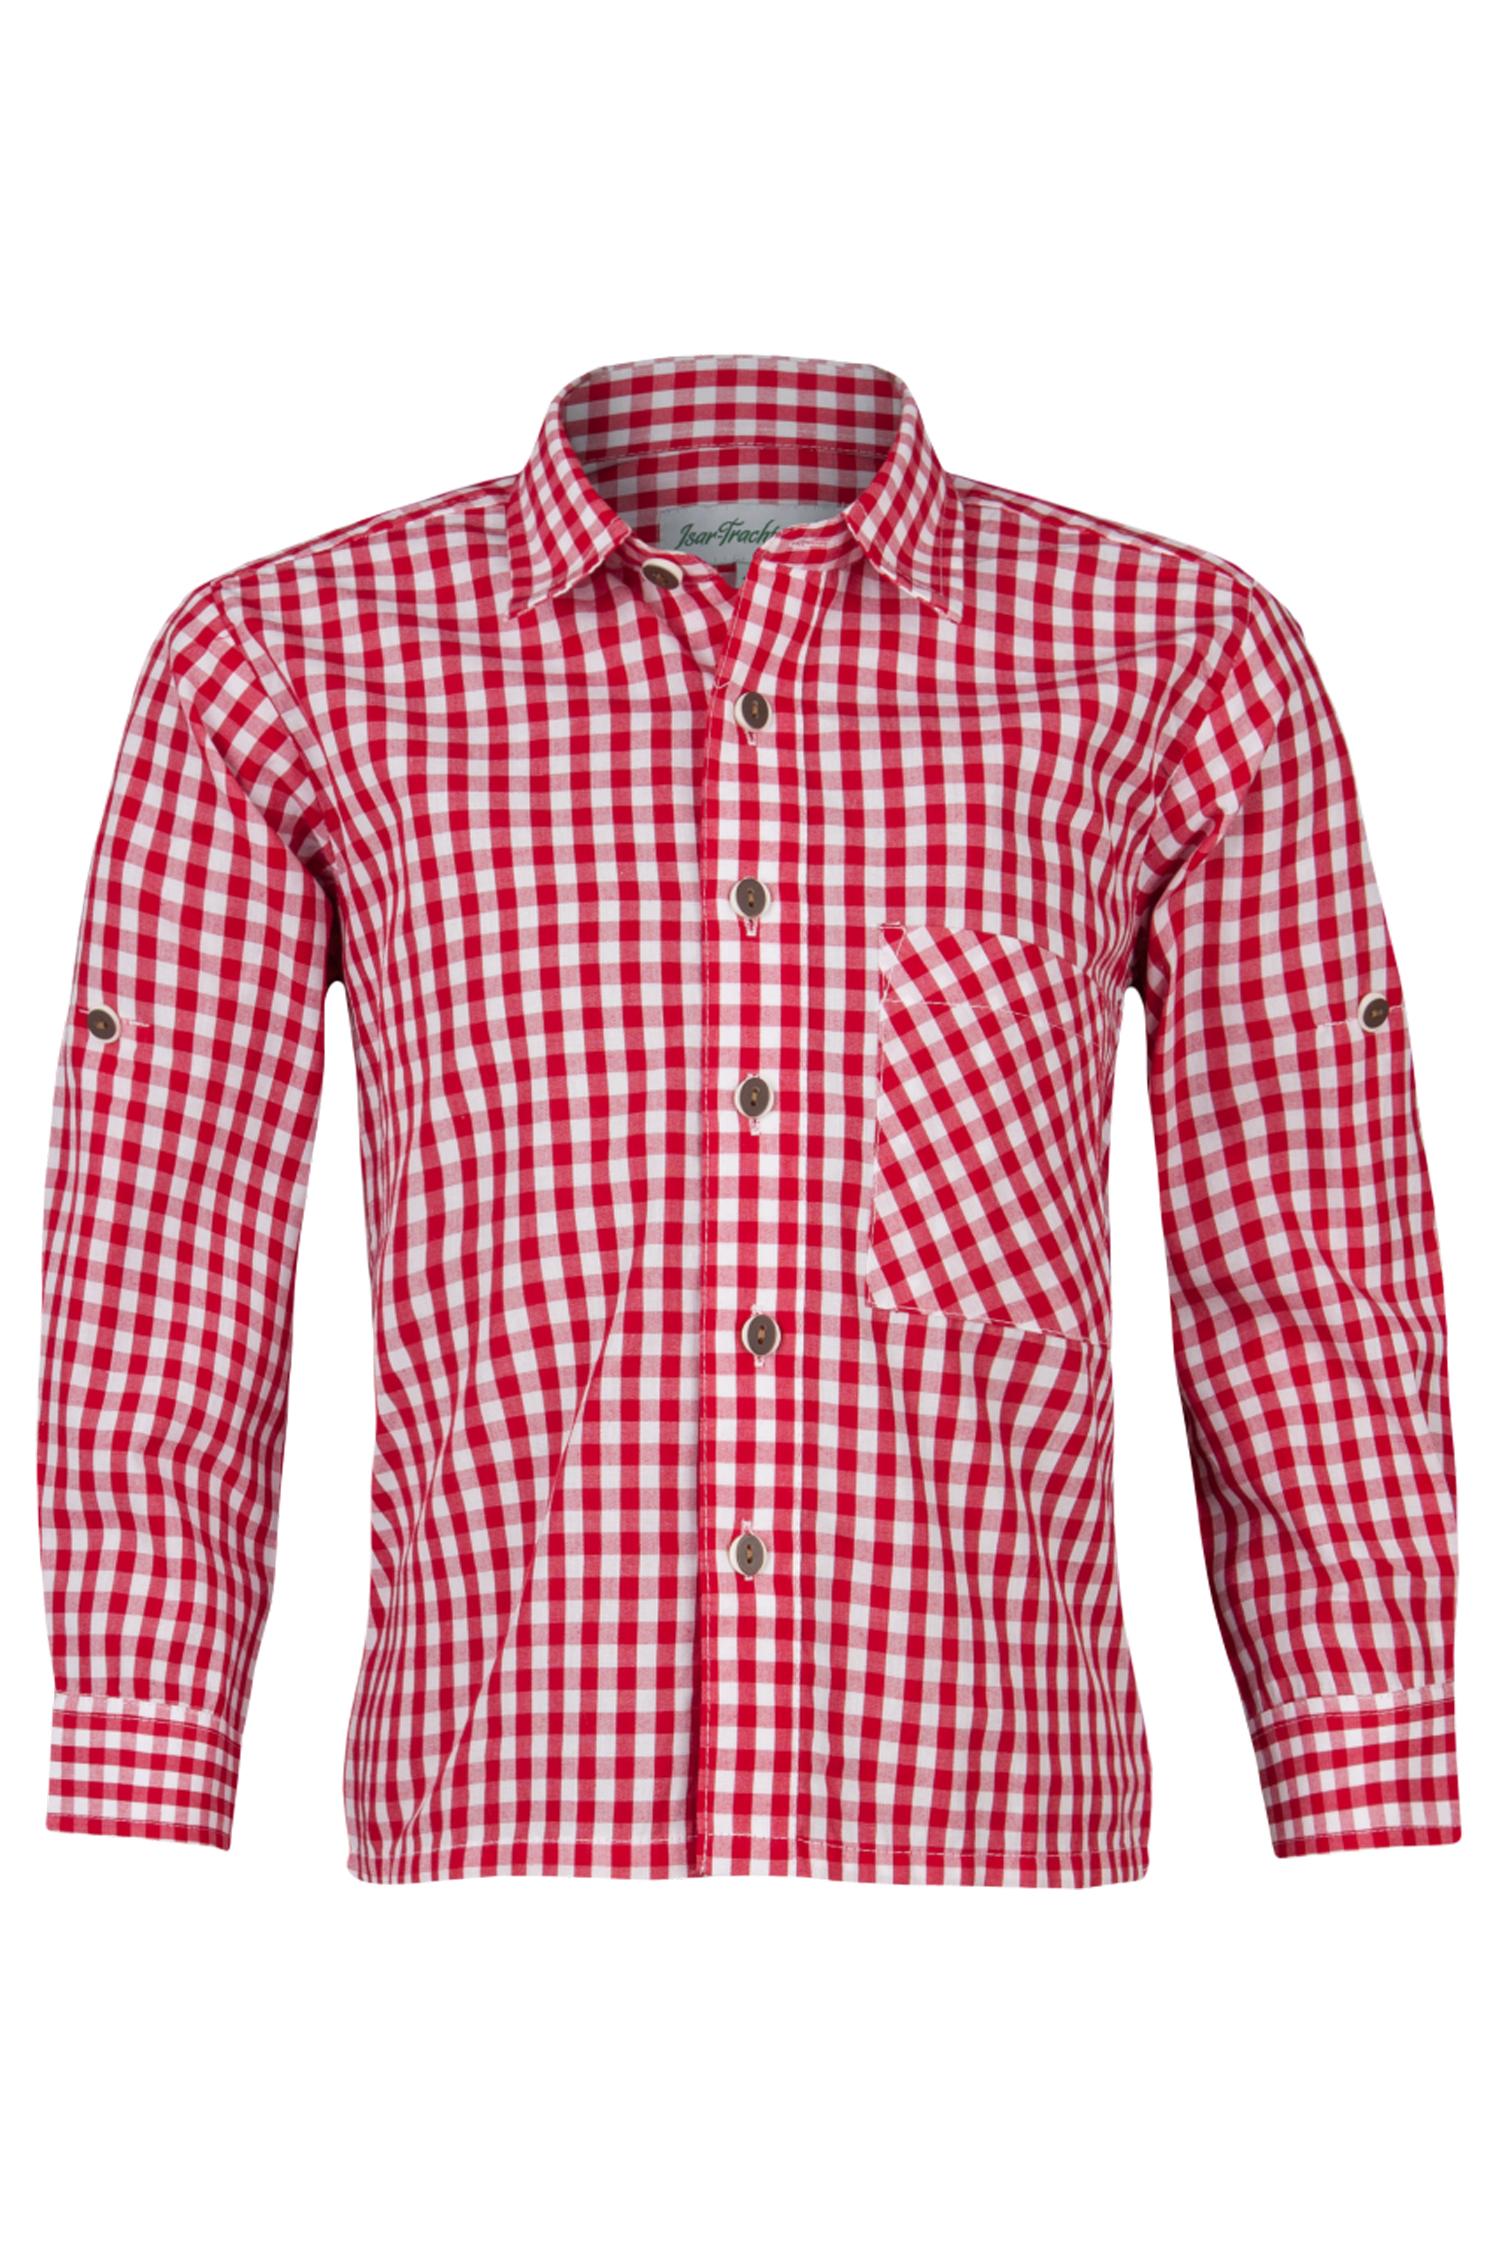 Kindertrachtenhemd Karo 110 | rot